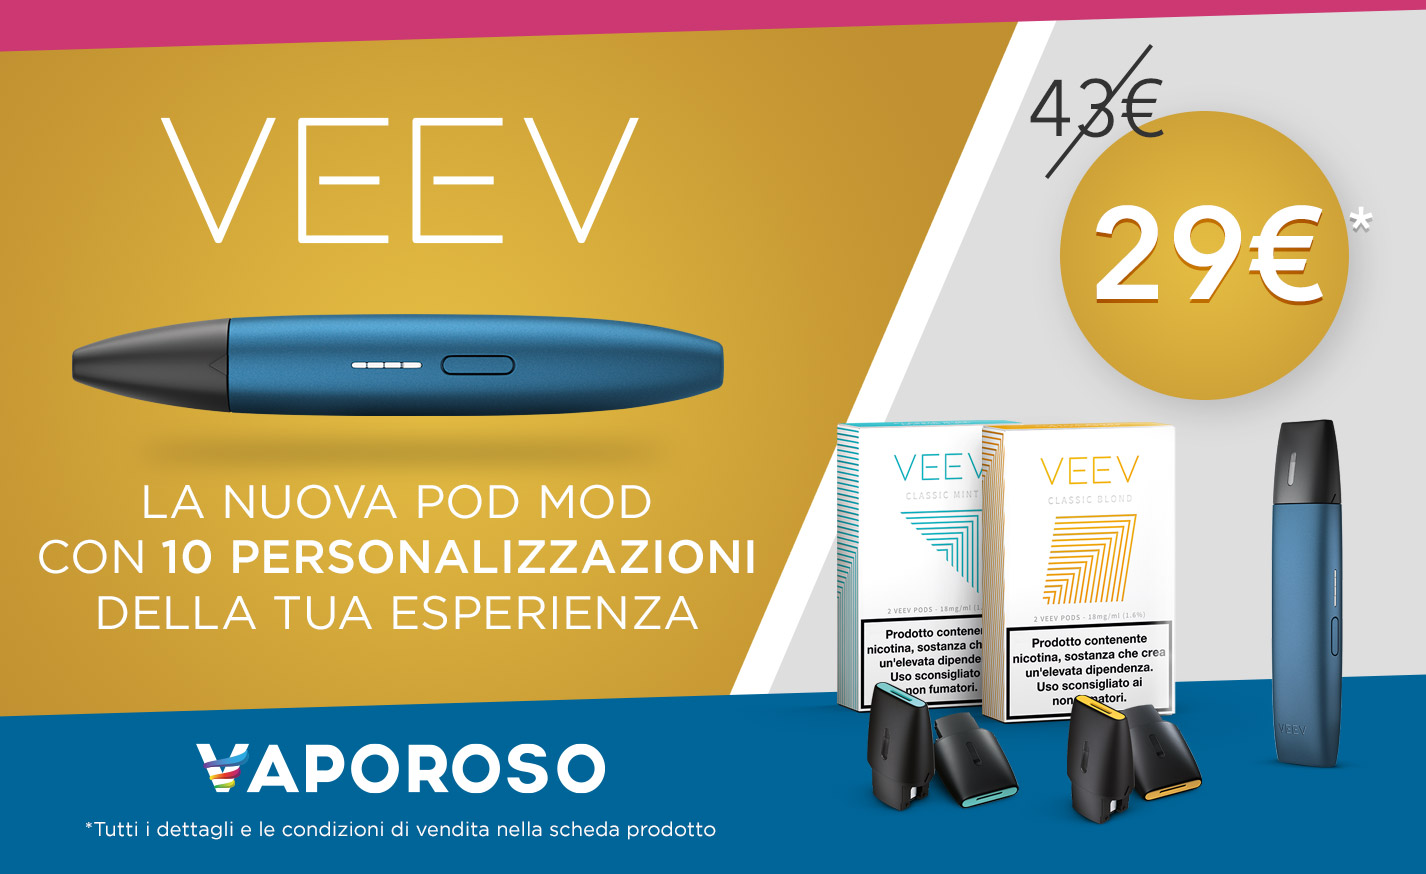 VEEV Flavour Kit + 2 Confezioni di VEEV Pod